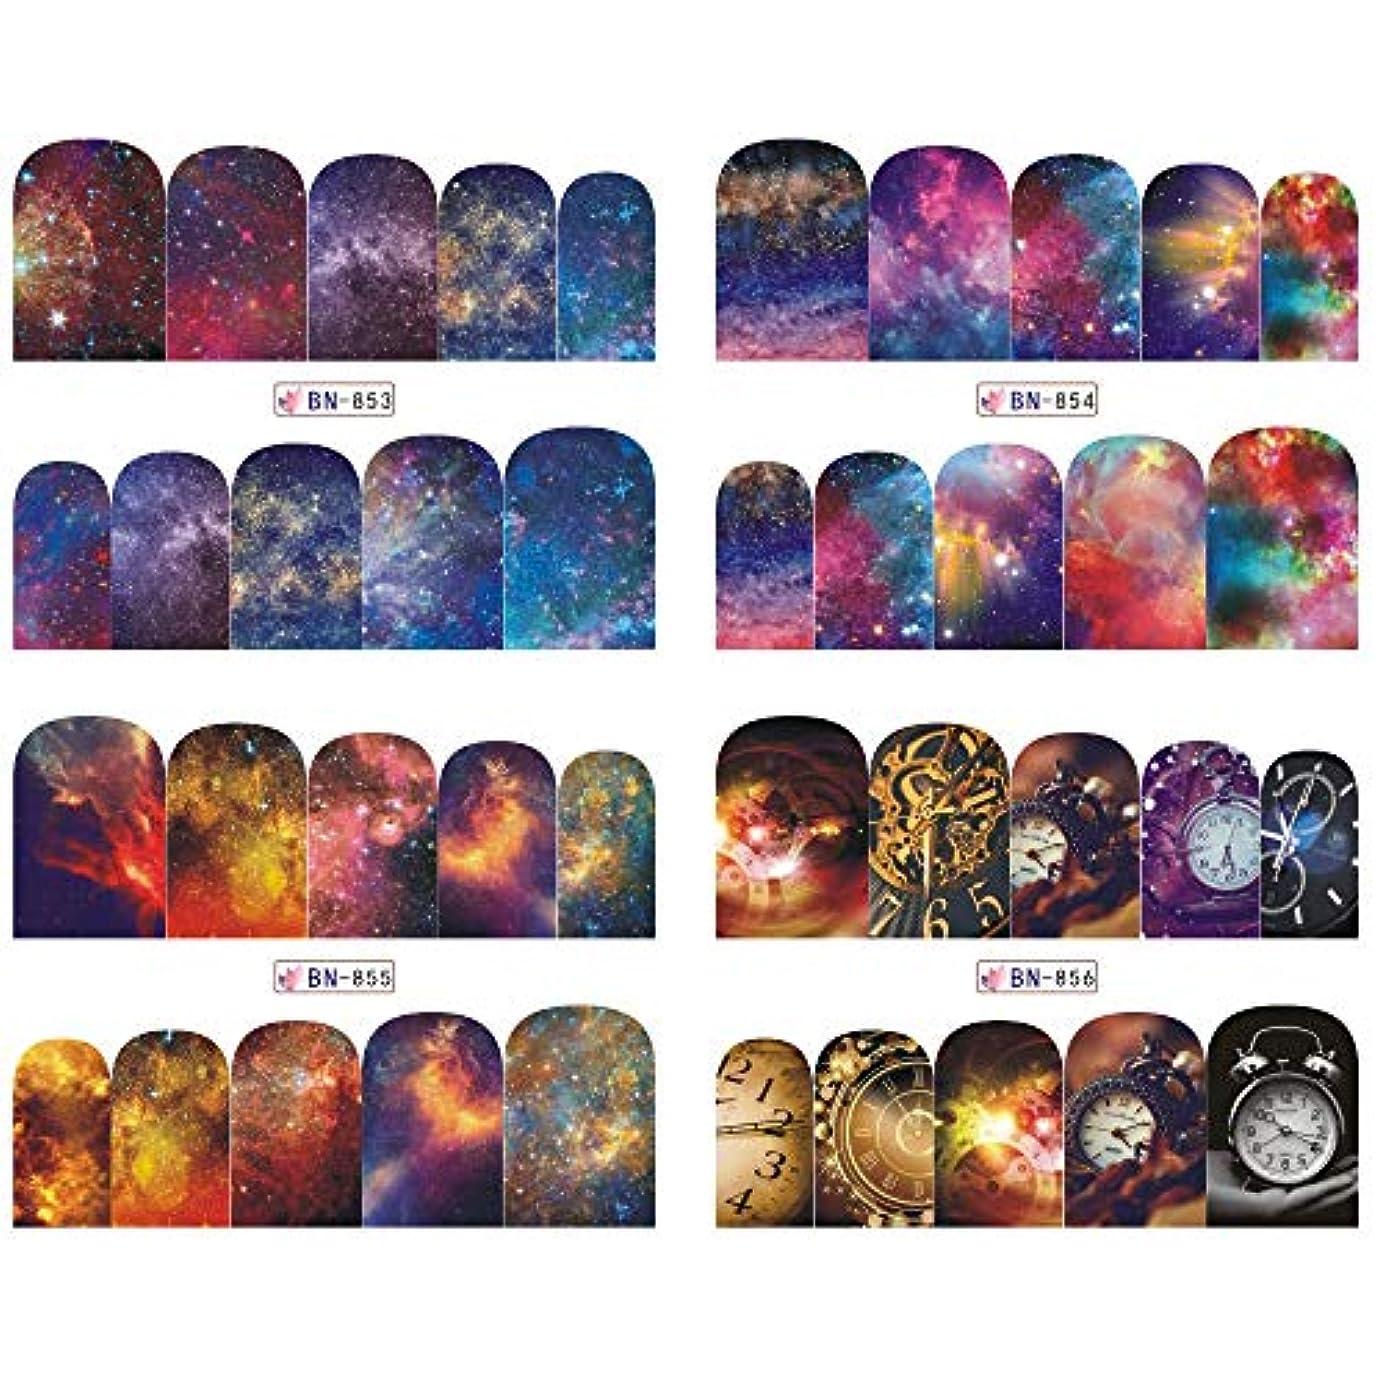 アンペアにぎやかのためSUKTI&XIAO ネイルステッカー 12デザインネイルアートデカールウォーターステッカー夏の星の花シーシェル透かし用スライダーマニキュア装飾のヒント